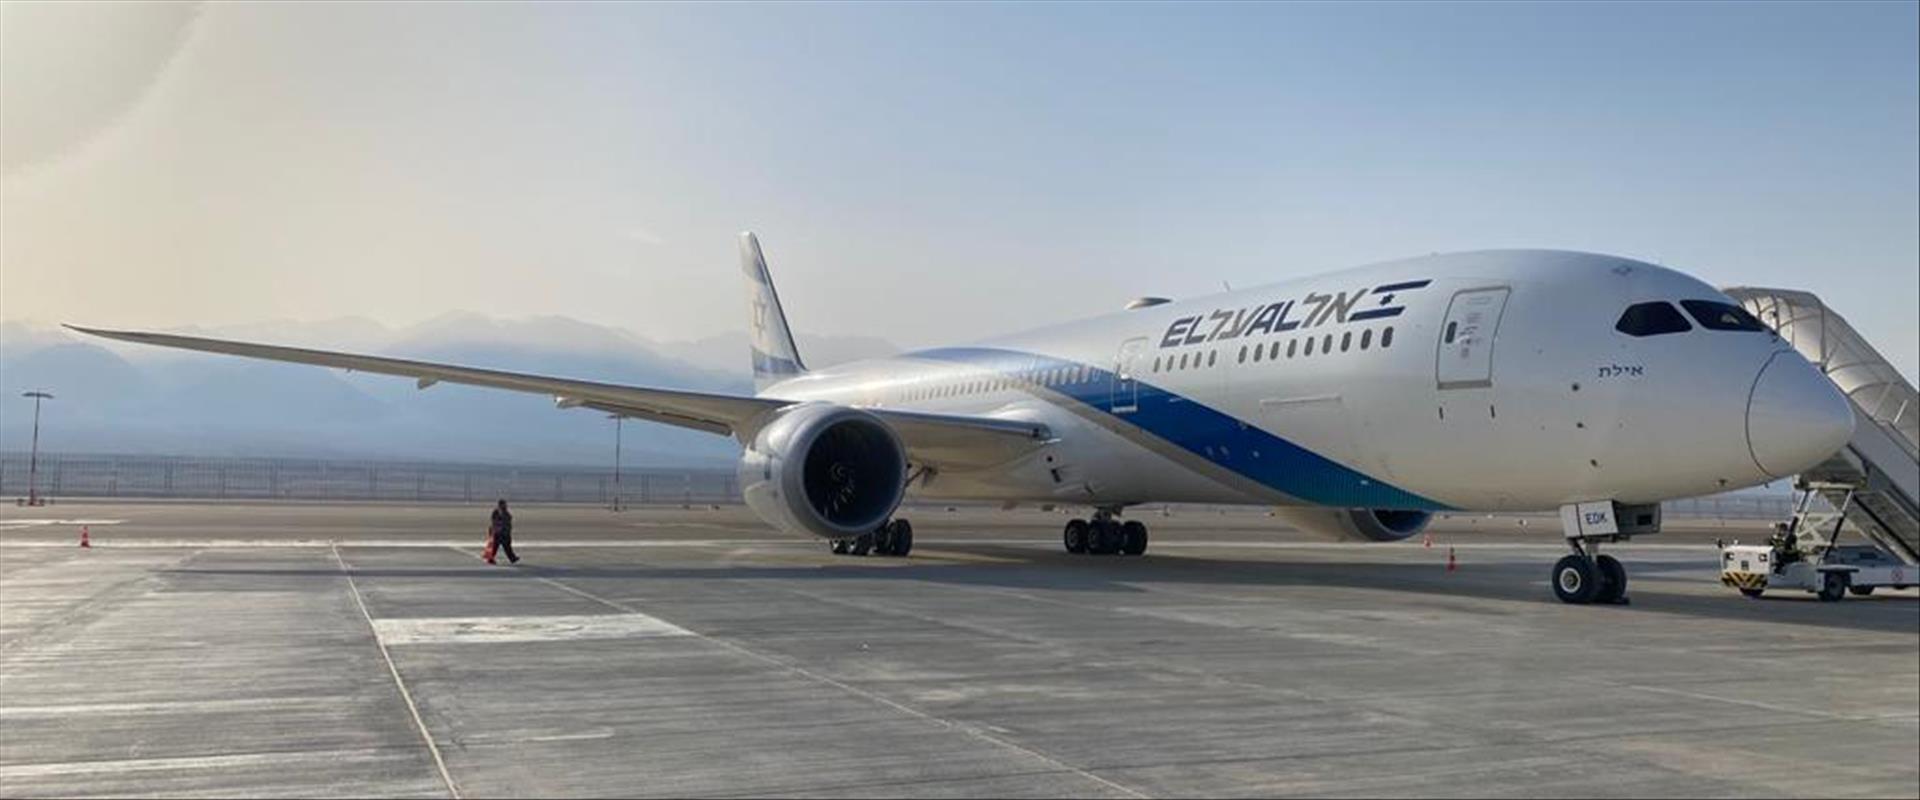 המטוס שנחת ברמון